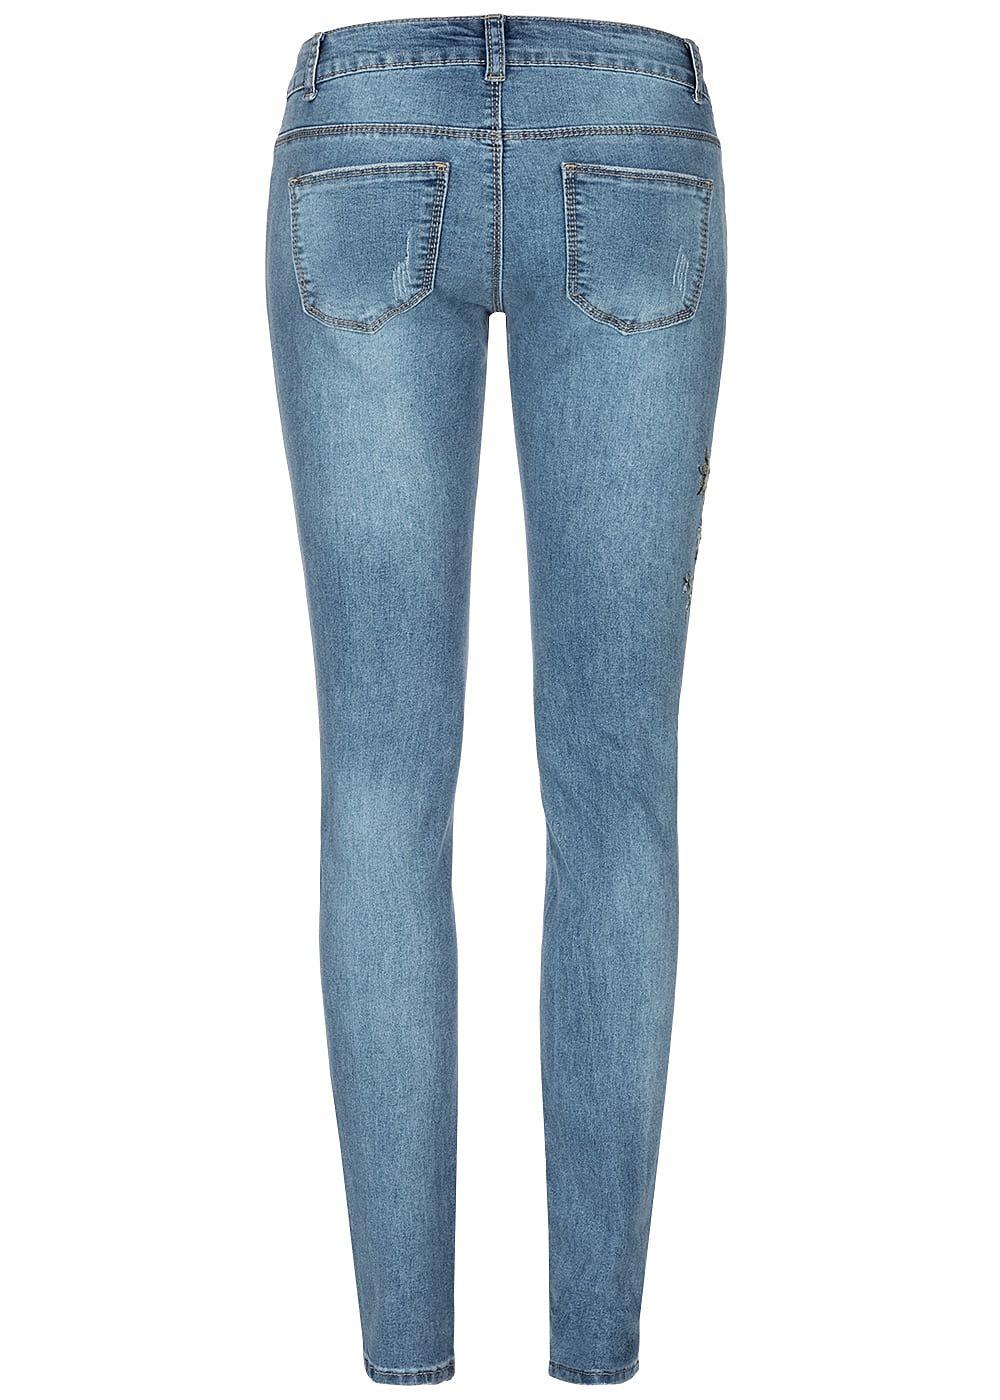 Seventyseven Lifestyle Damen Skinny Jeans 5 Pockets Floral Embroidered med blau denim